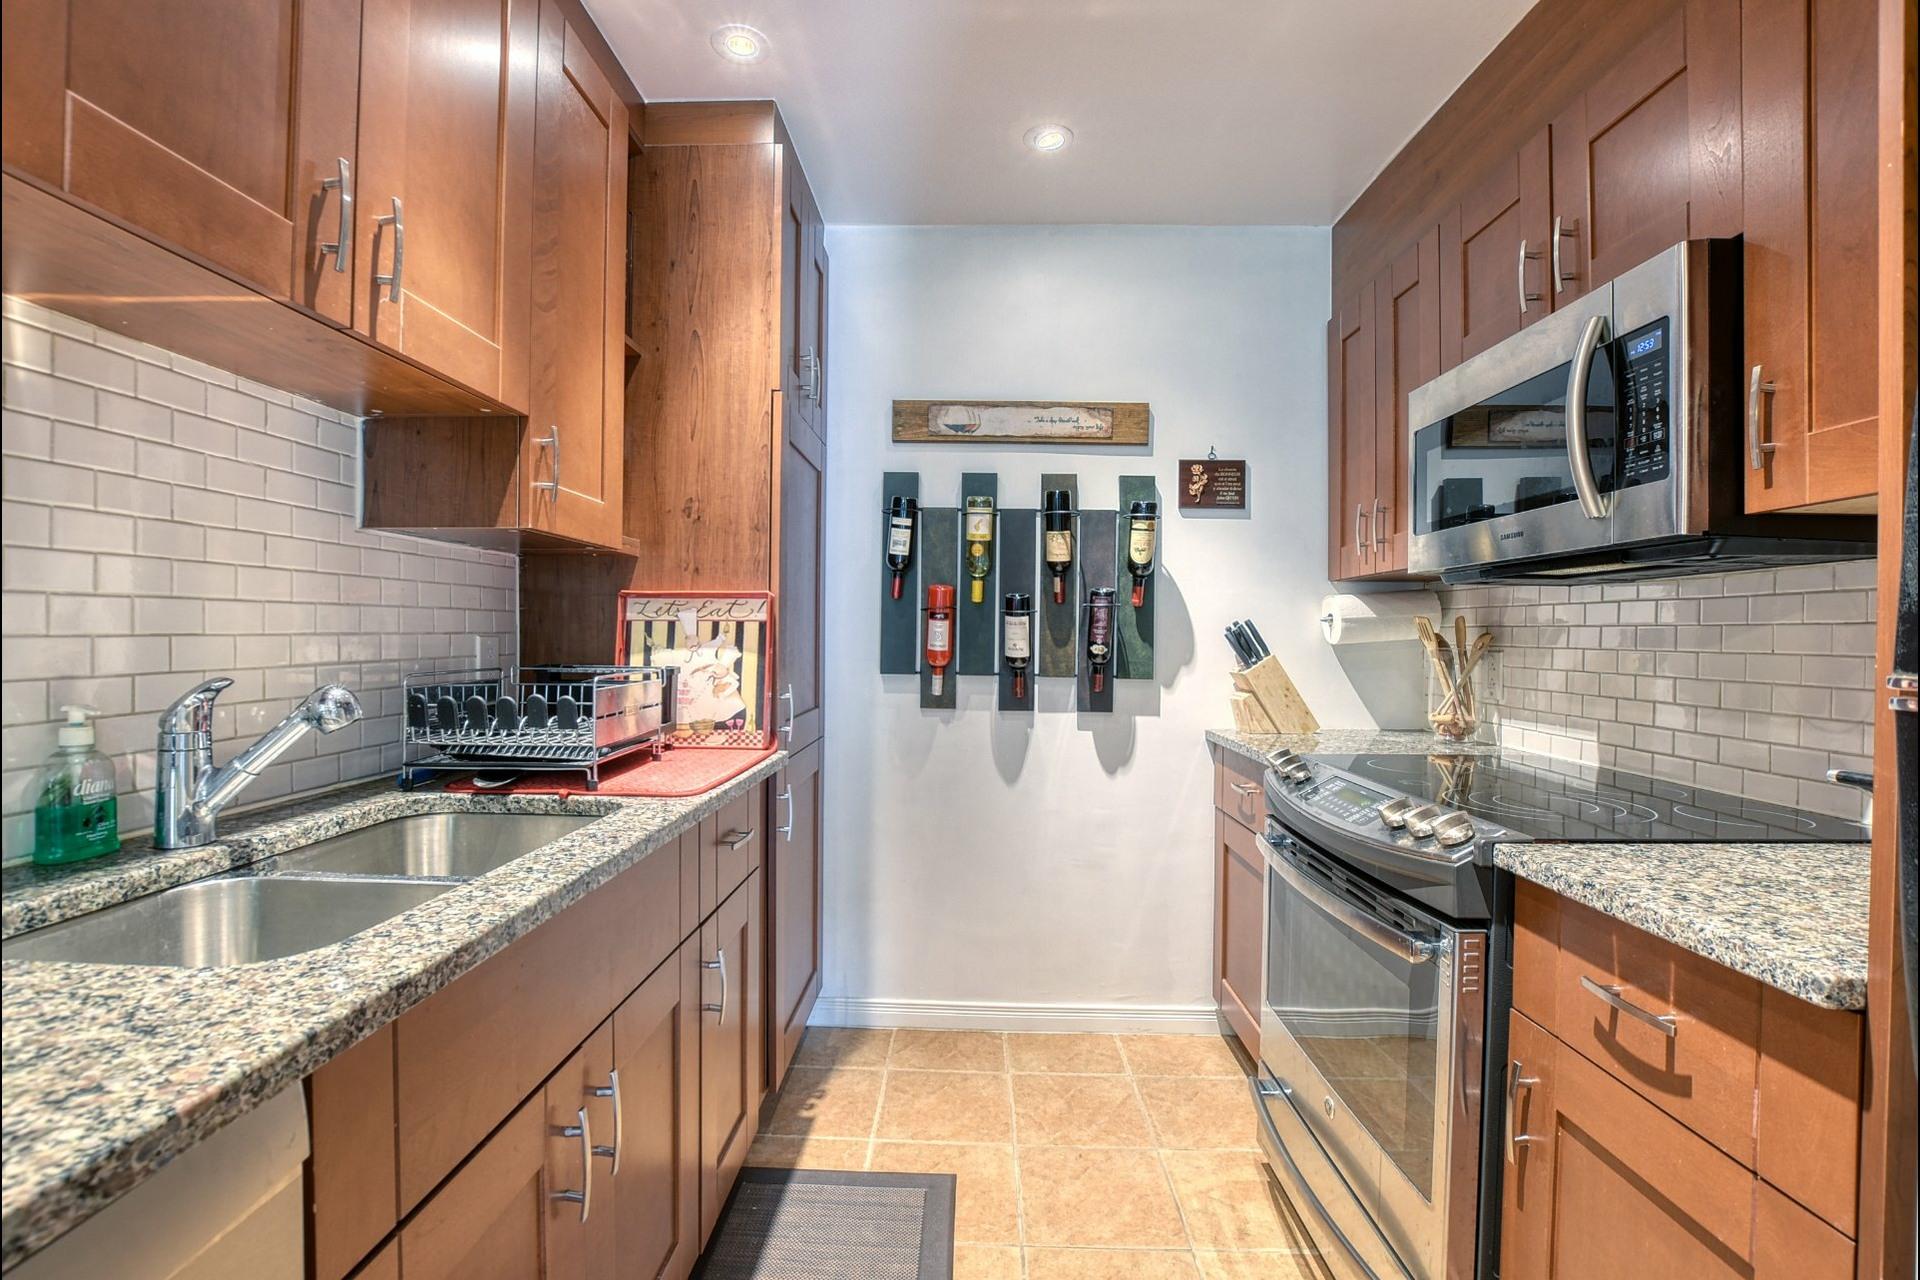 image 6 - Appartement À vendre Le Plateau-Mont-Royal Montréal  - 5 pièces